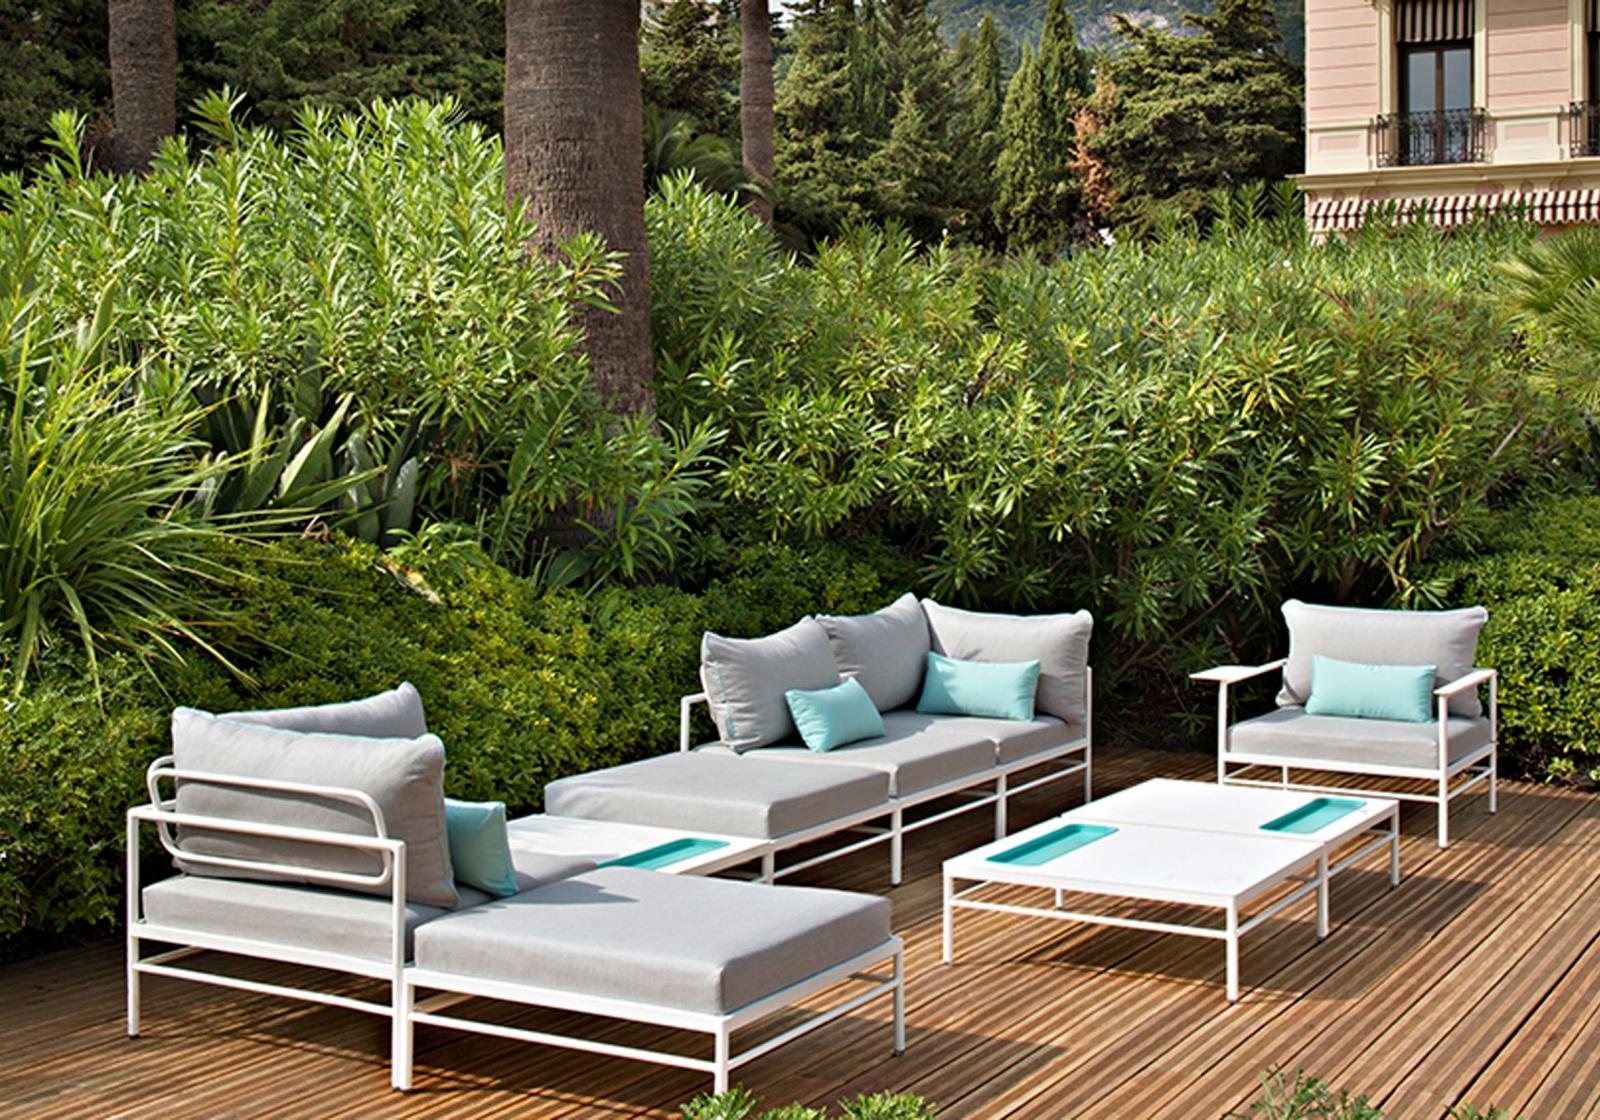 Magasin de meubles de jardin à Lyon 2 Fermob - Vlaemynck - Fatboy - Magasin de meubles design à ...